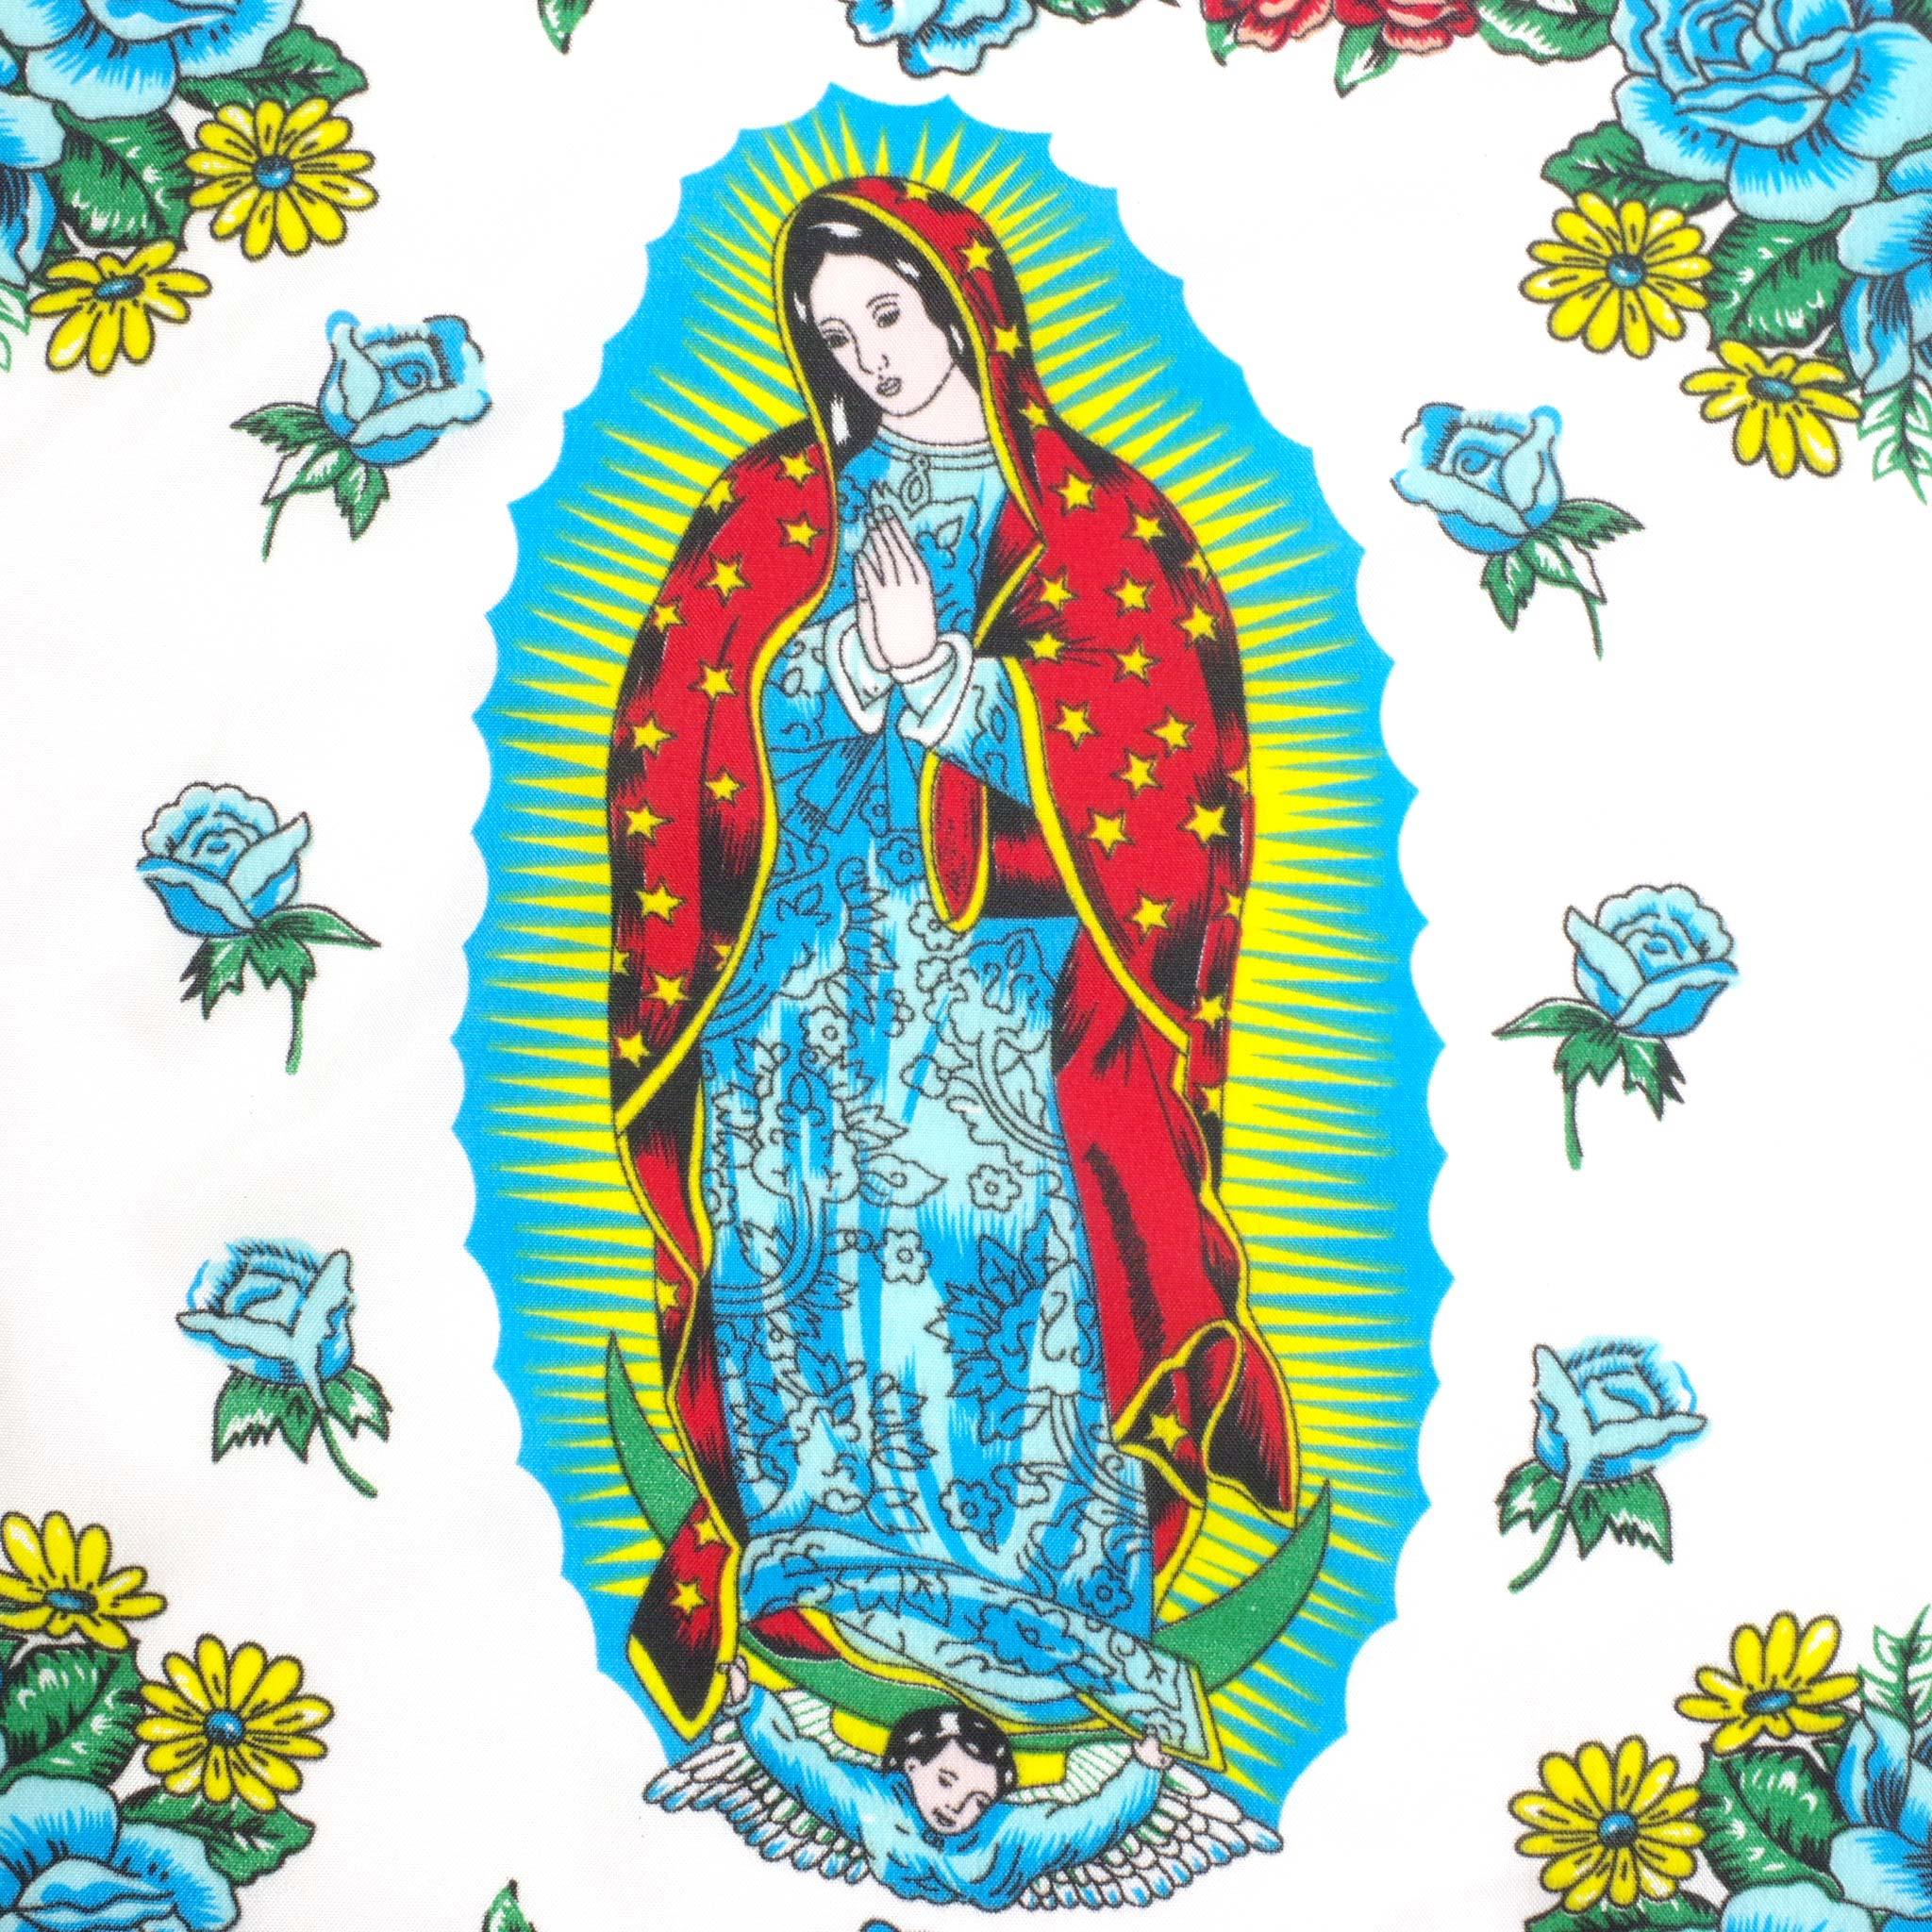 """""""マリア,グアダルーペ,マリア様,聖母,バンダナ,スカーフ,ハンカチ,BANDANA,メキシコバンダナ,メキシコのバンダナ,メキシコ柄のバンダナ,メキシコ,メキシコ雑貨,メキシコ雑貨PAD"""""""